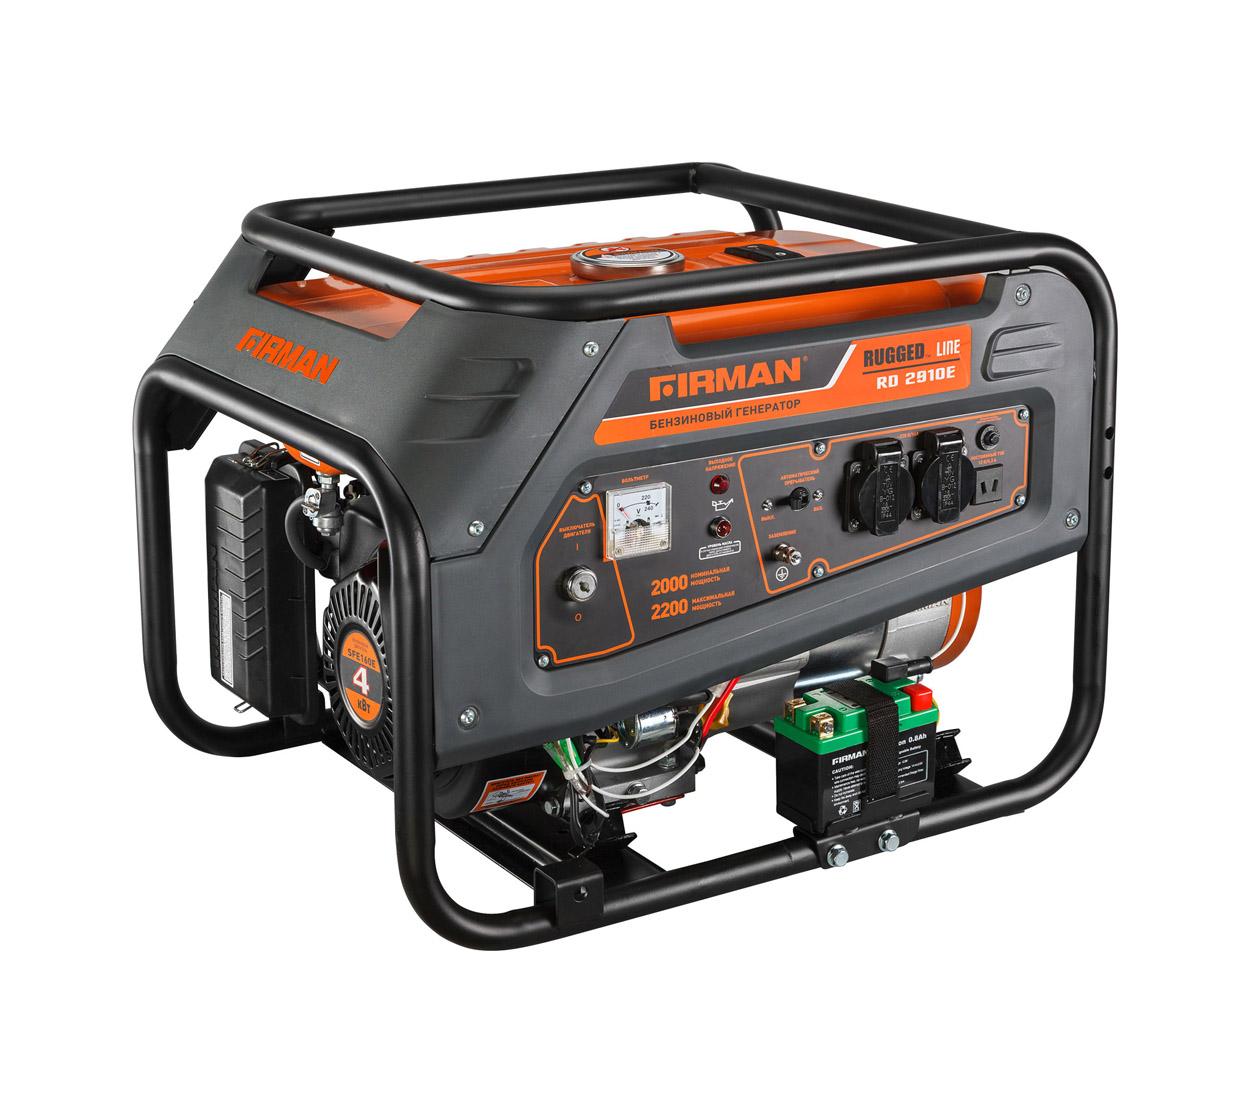 Бензиновый генератор (Бензогенератор) Firman RD2910E